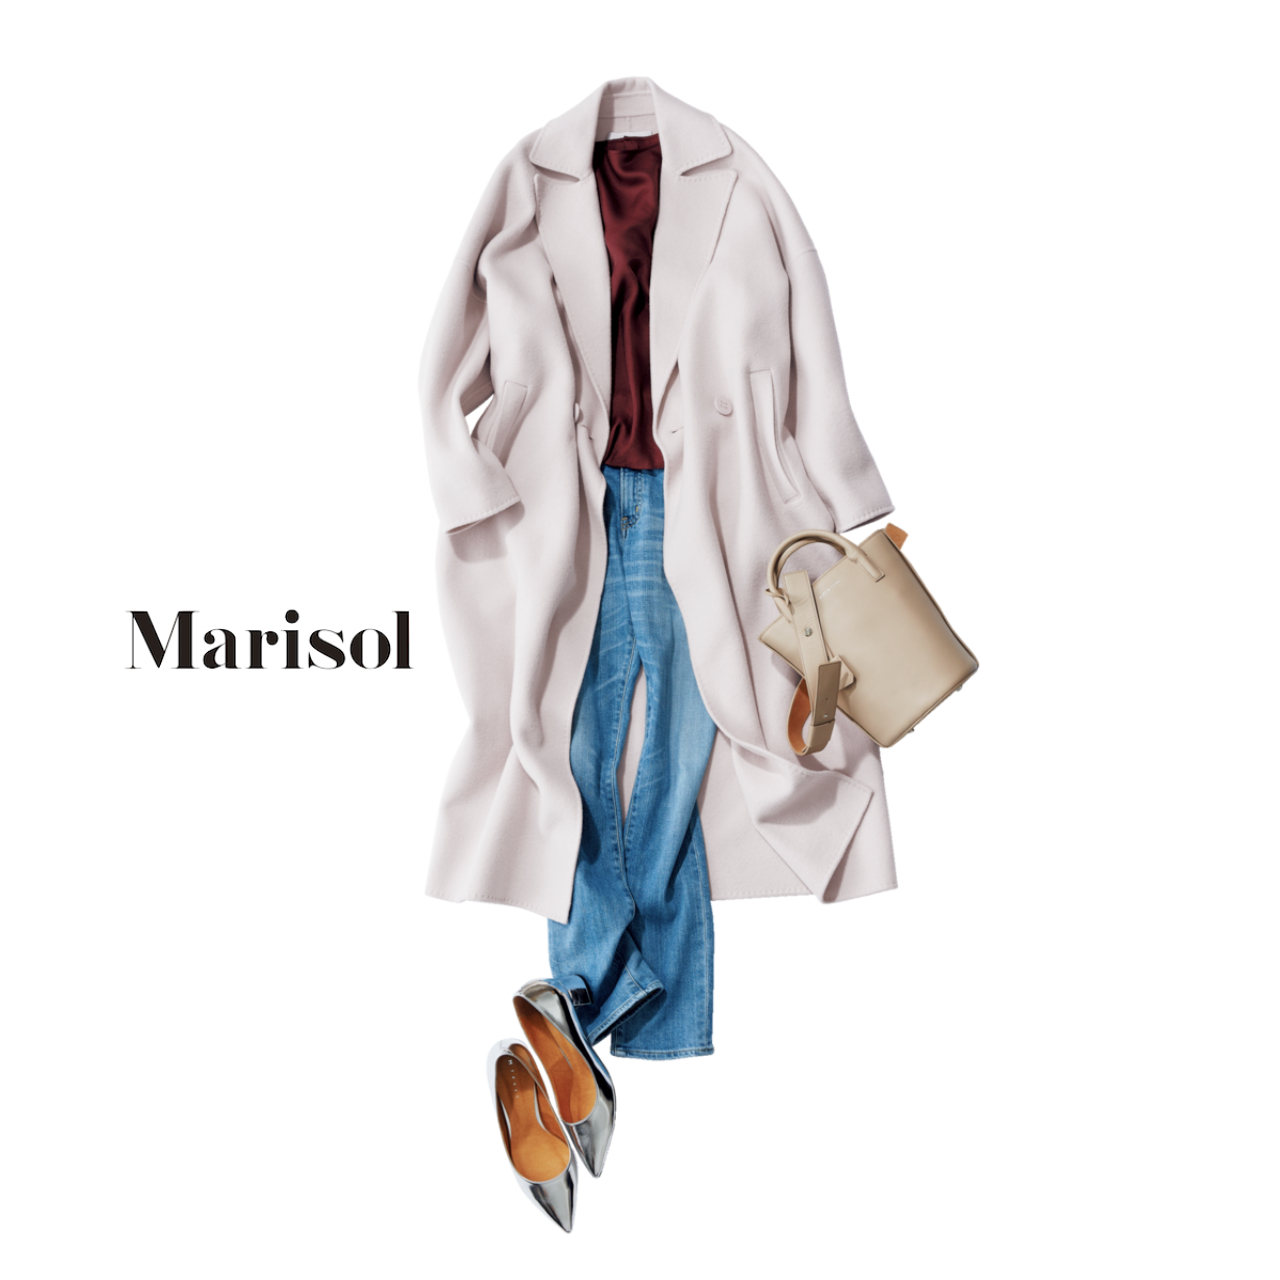 40代ファッション ダスティピンクのコート×デニムコーデ